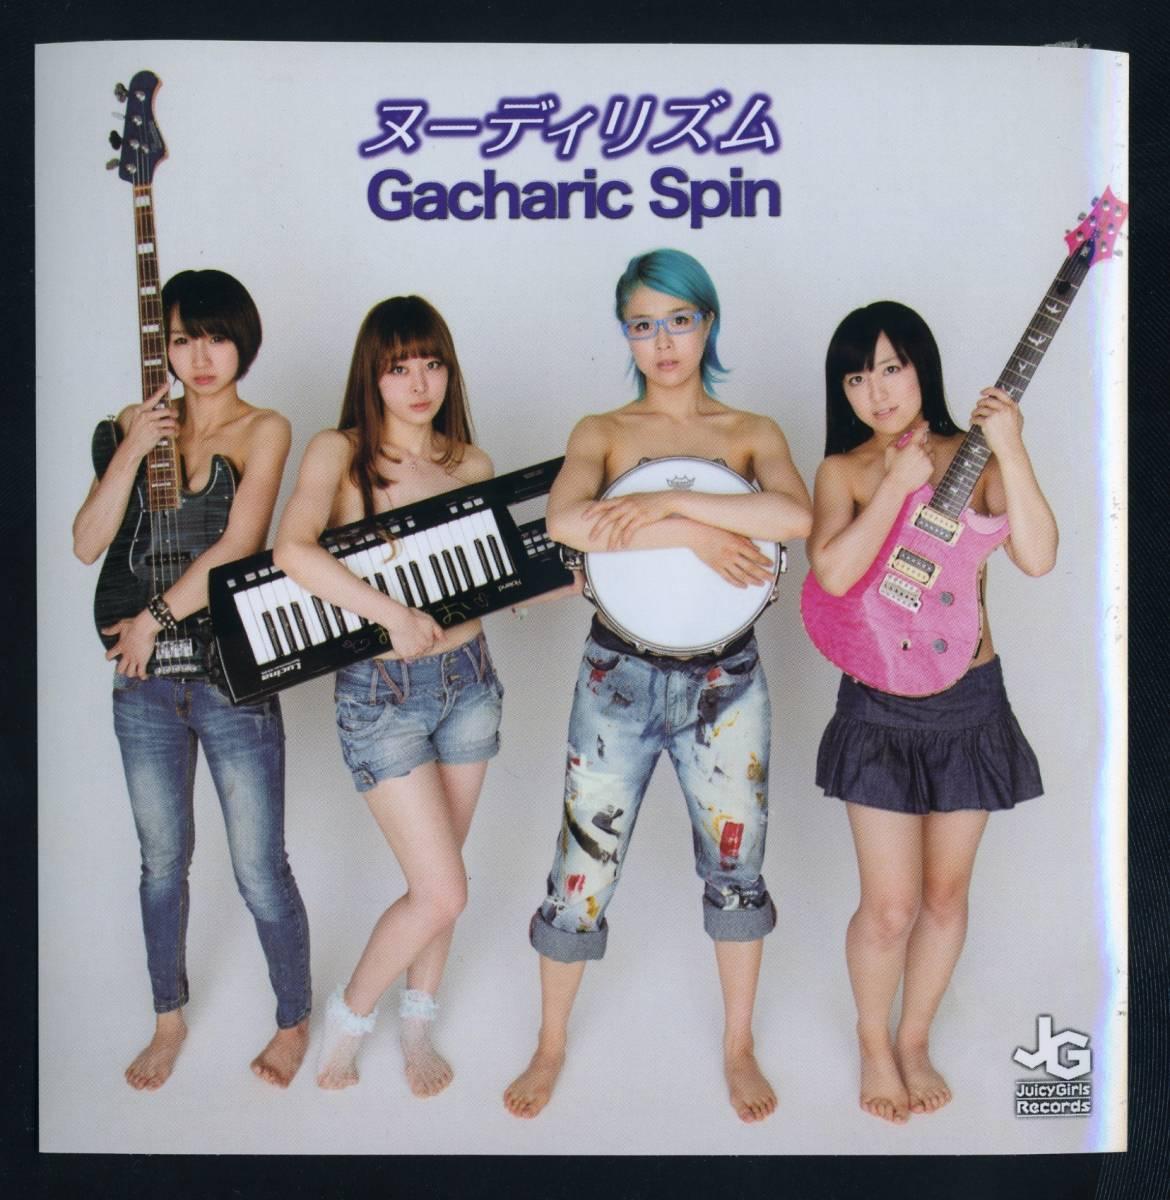 Gacharic Spin ステッカー ヌーディリズム  ガチャリックスピン